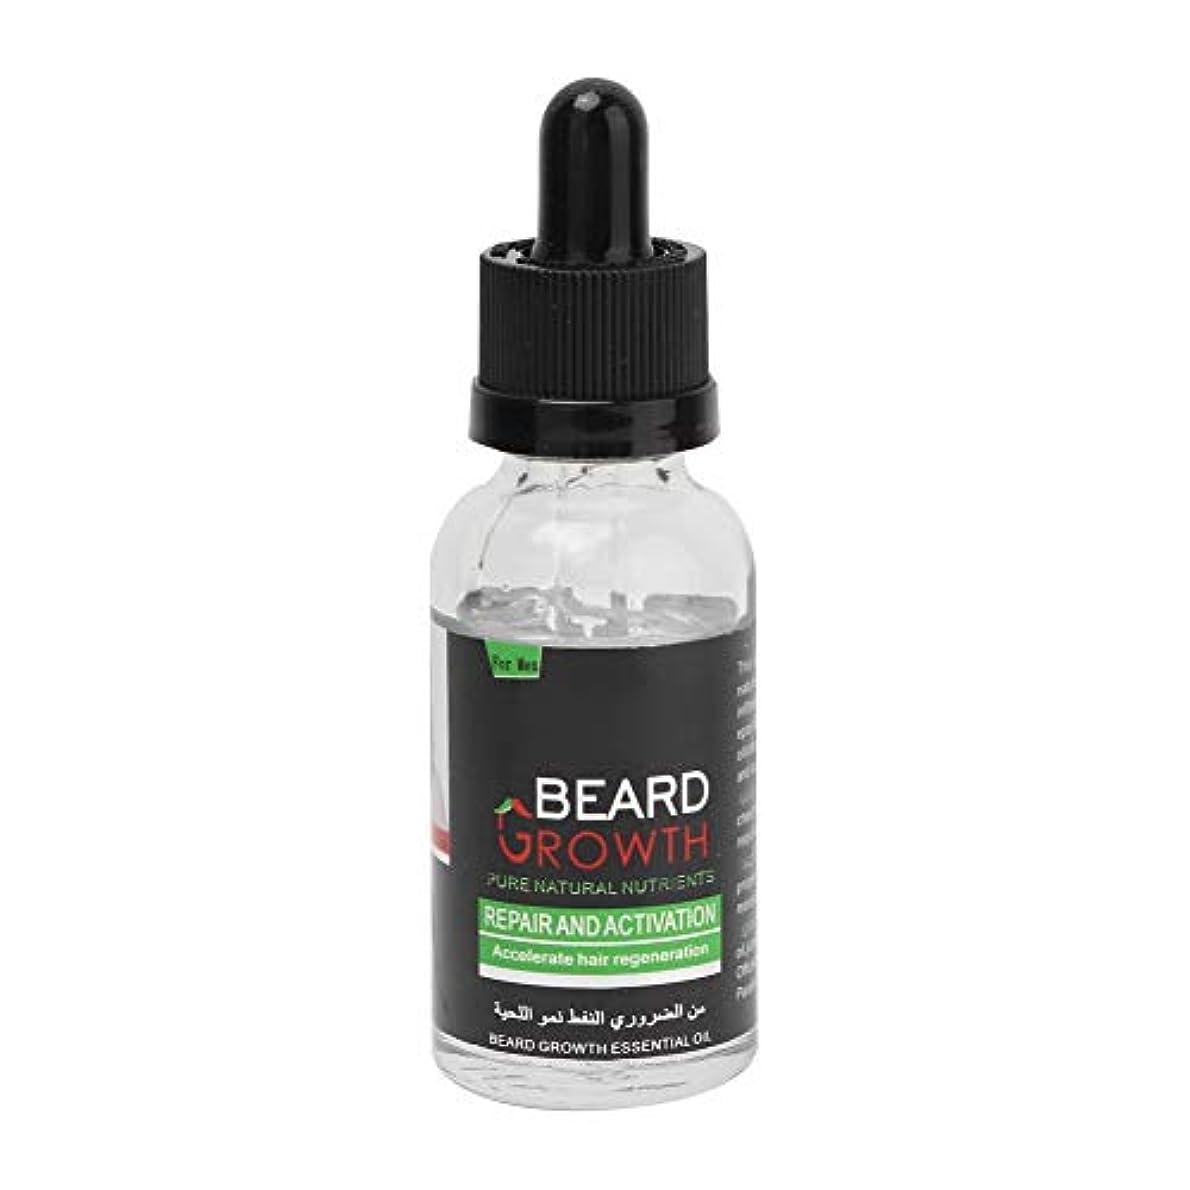 クリームガジュマル横40ミリリットルひげケアオイル、男性ひげオイルひげソフト栄養モイスチャライジングバームひげケアオイル